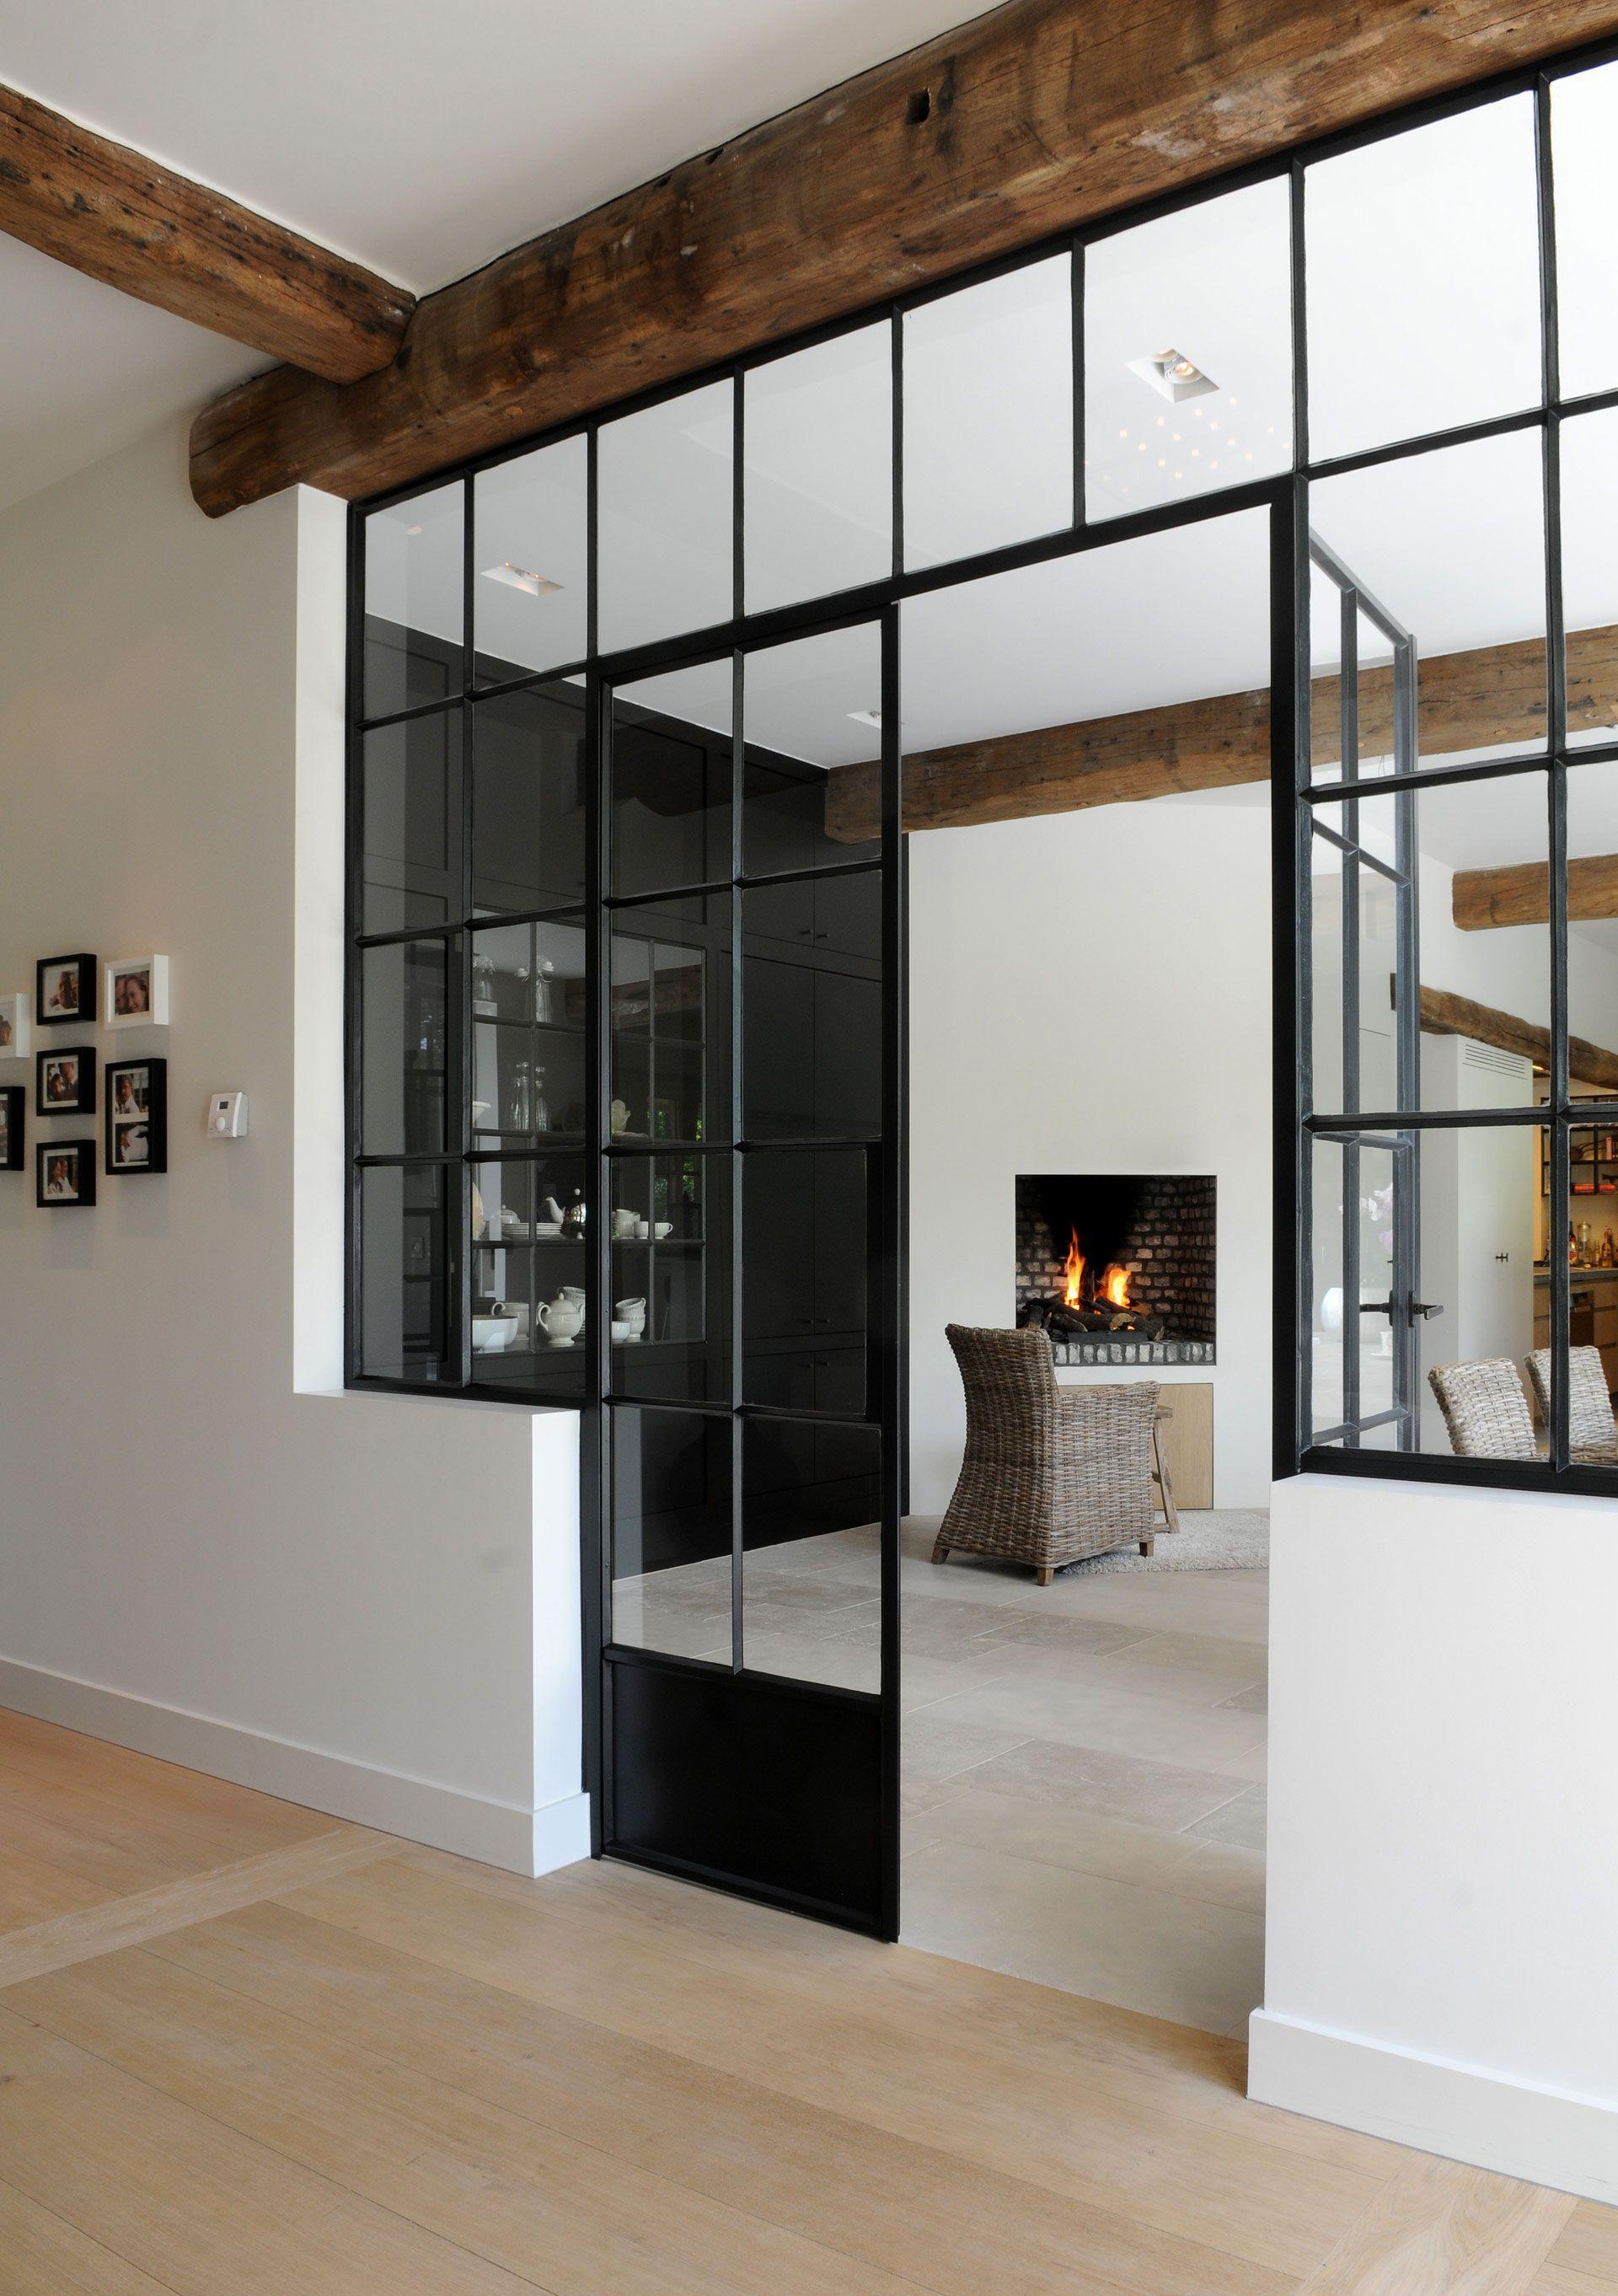 Mooi zwart-wit contrast. Frame stalen deur versus open haard ...